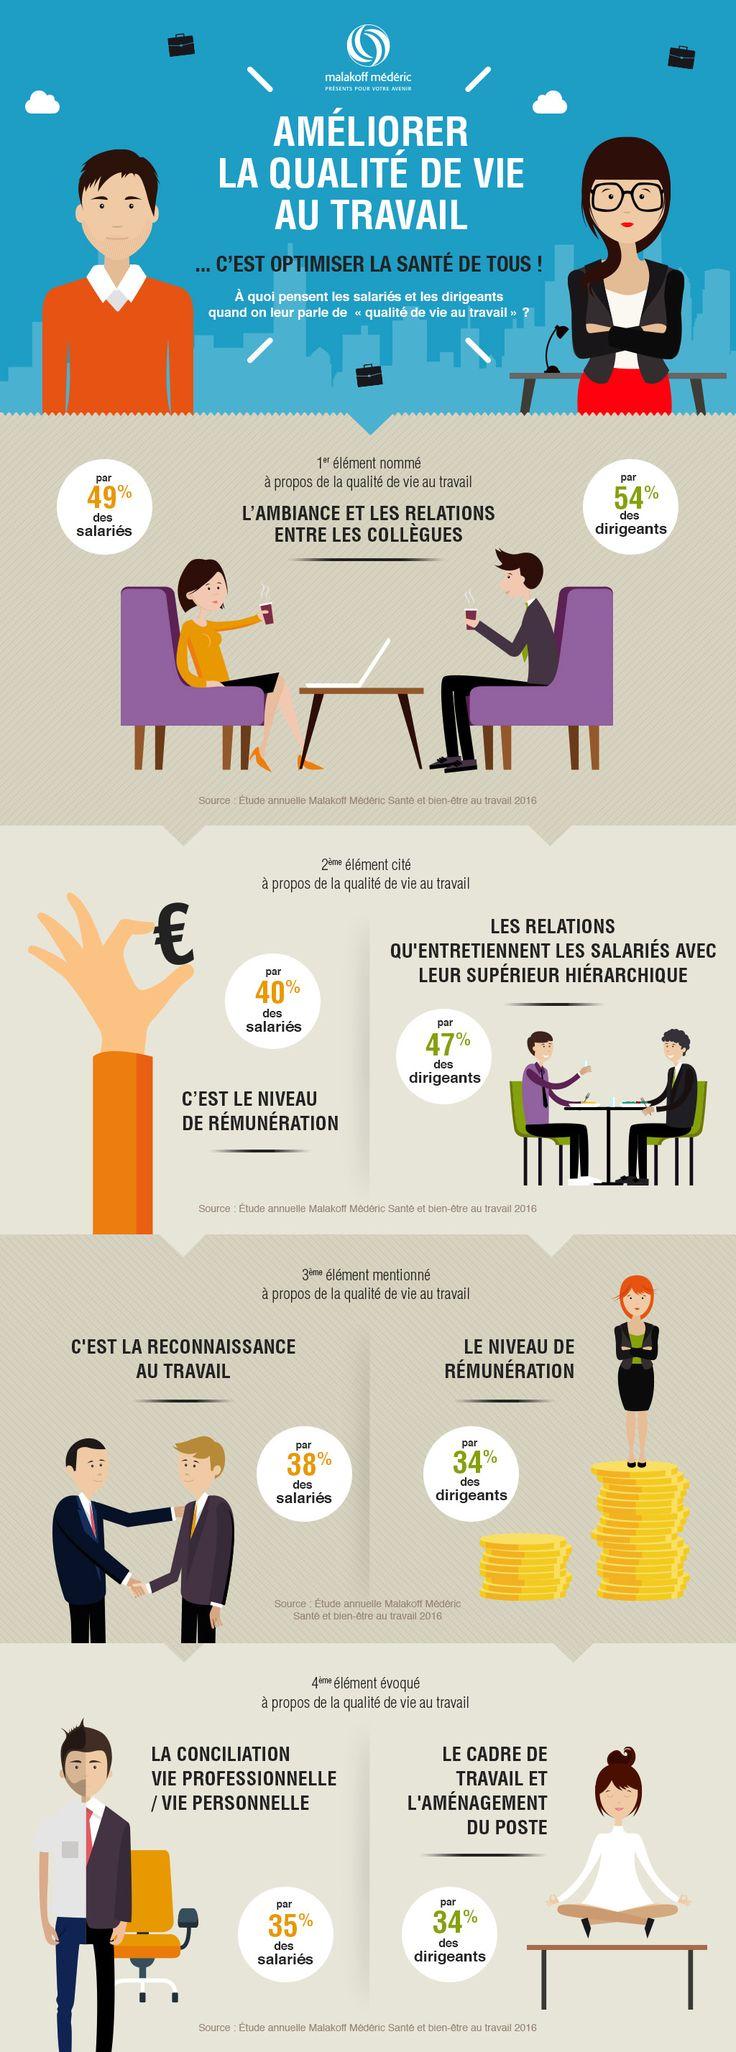 Infographie Malakoff Mederic sur la qualité de vie au travail